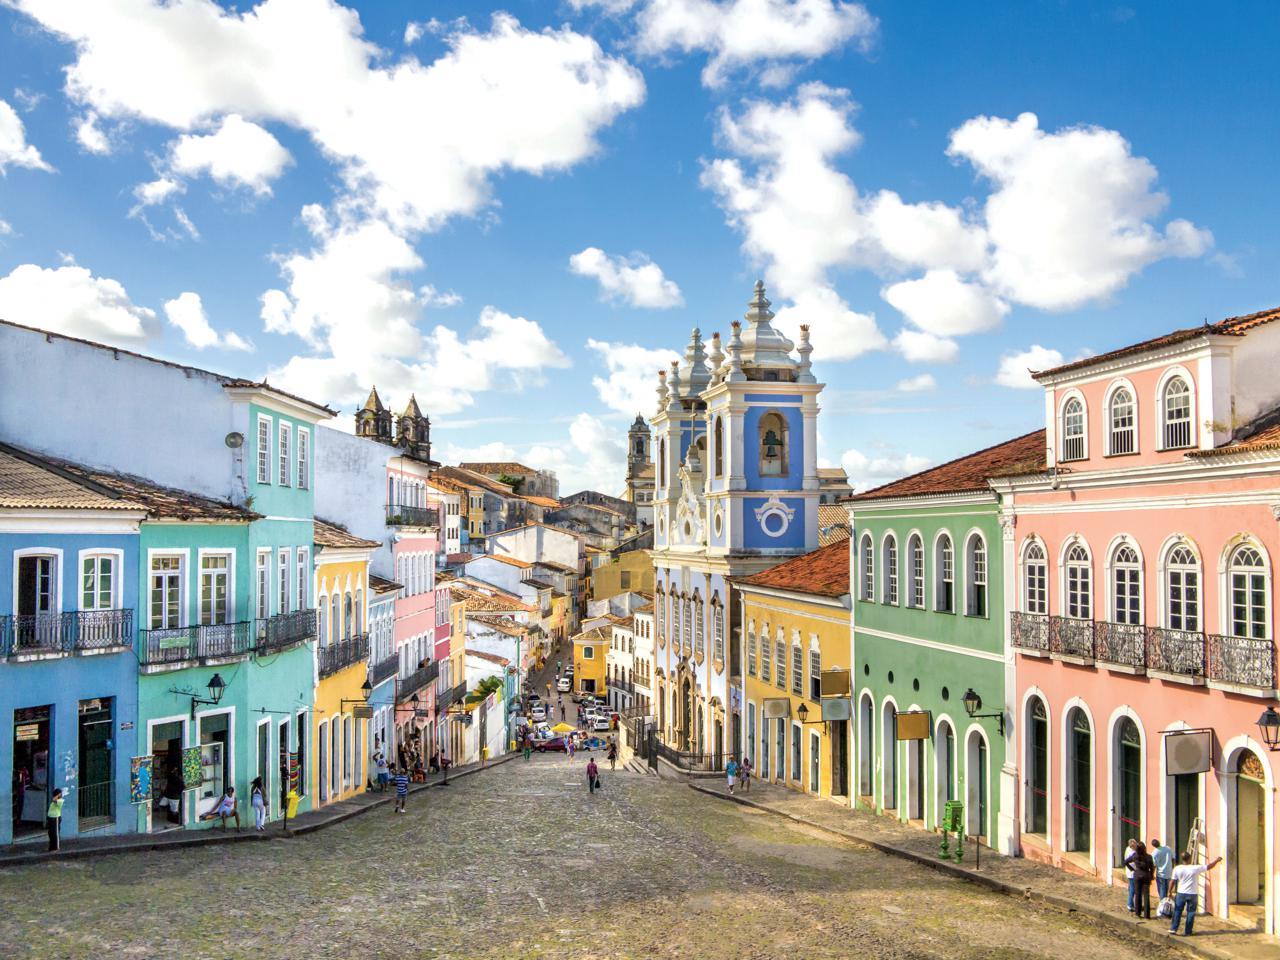 Turistické atrakce Brazílie mimo Rio 4